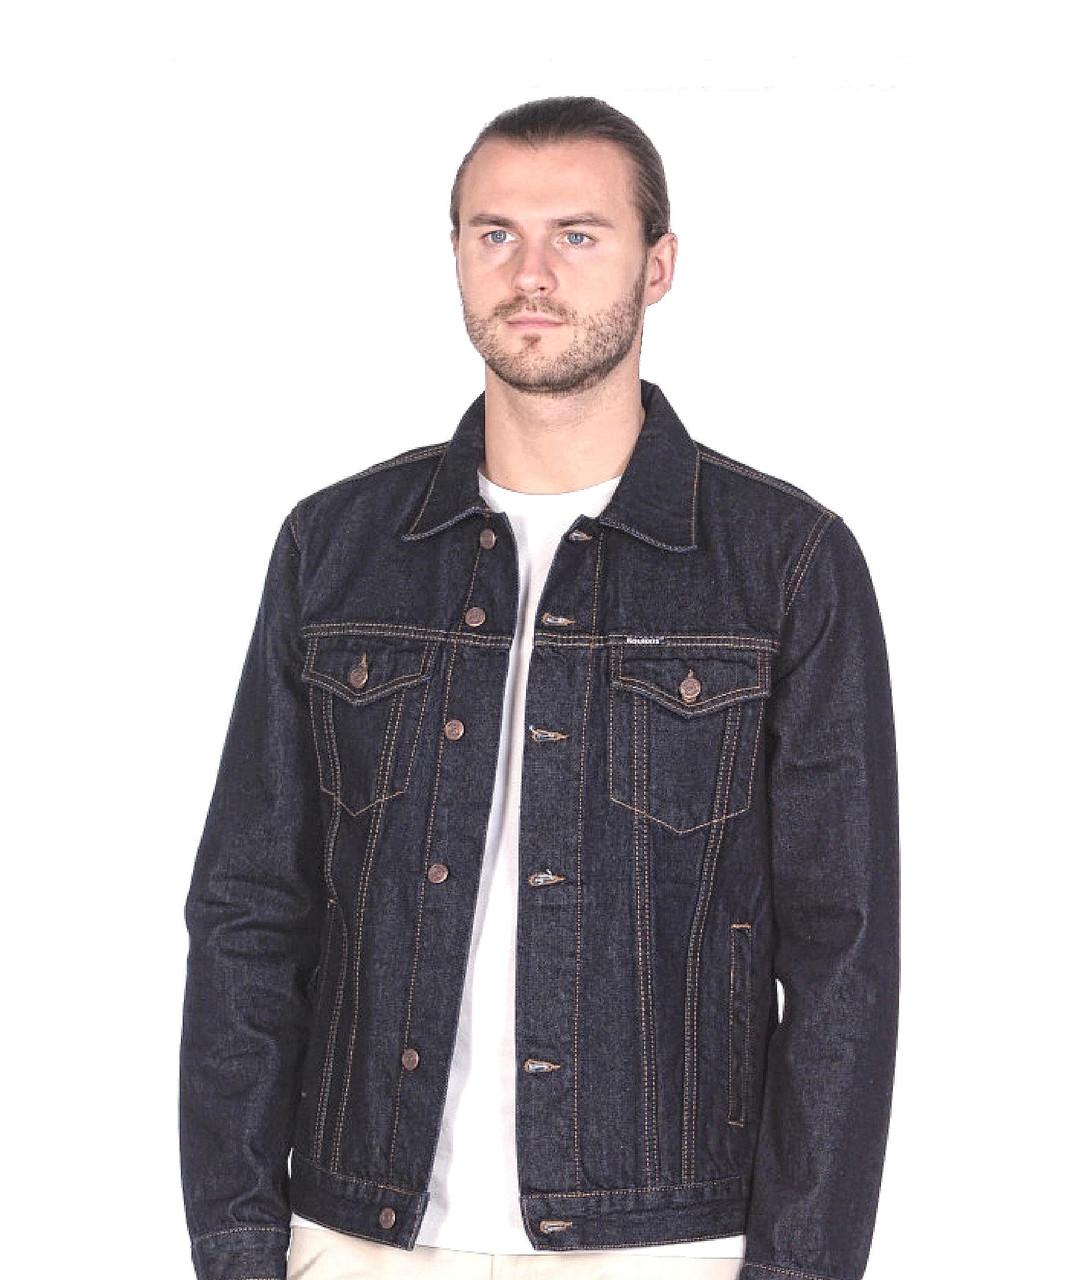 Джинсовая мужская куртка Koutons 1026 Petro 01 rinz - фото 2